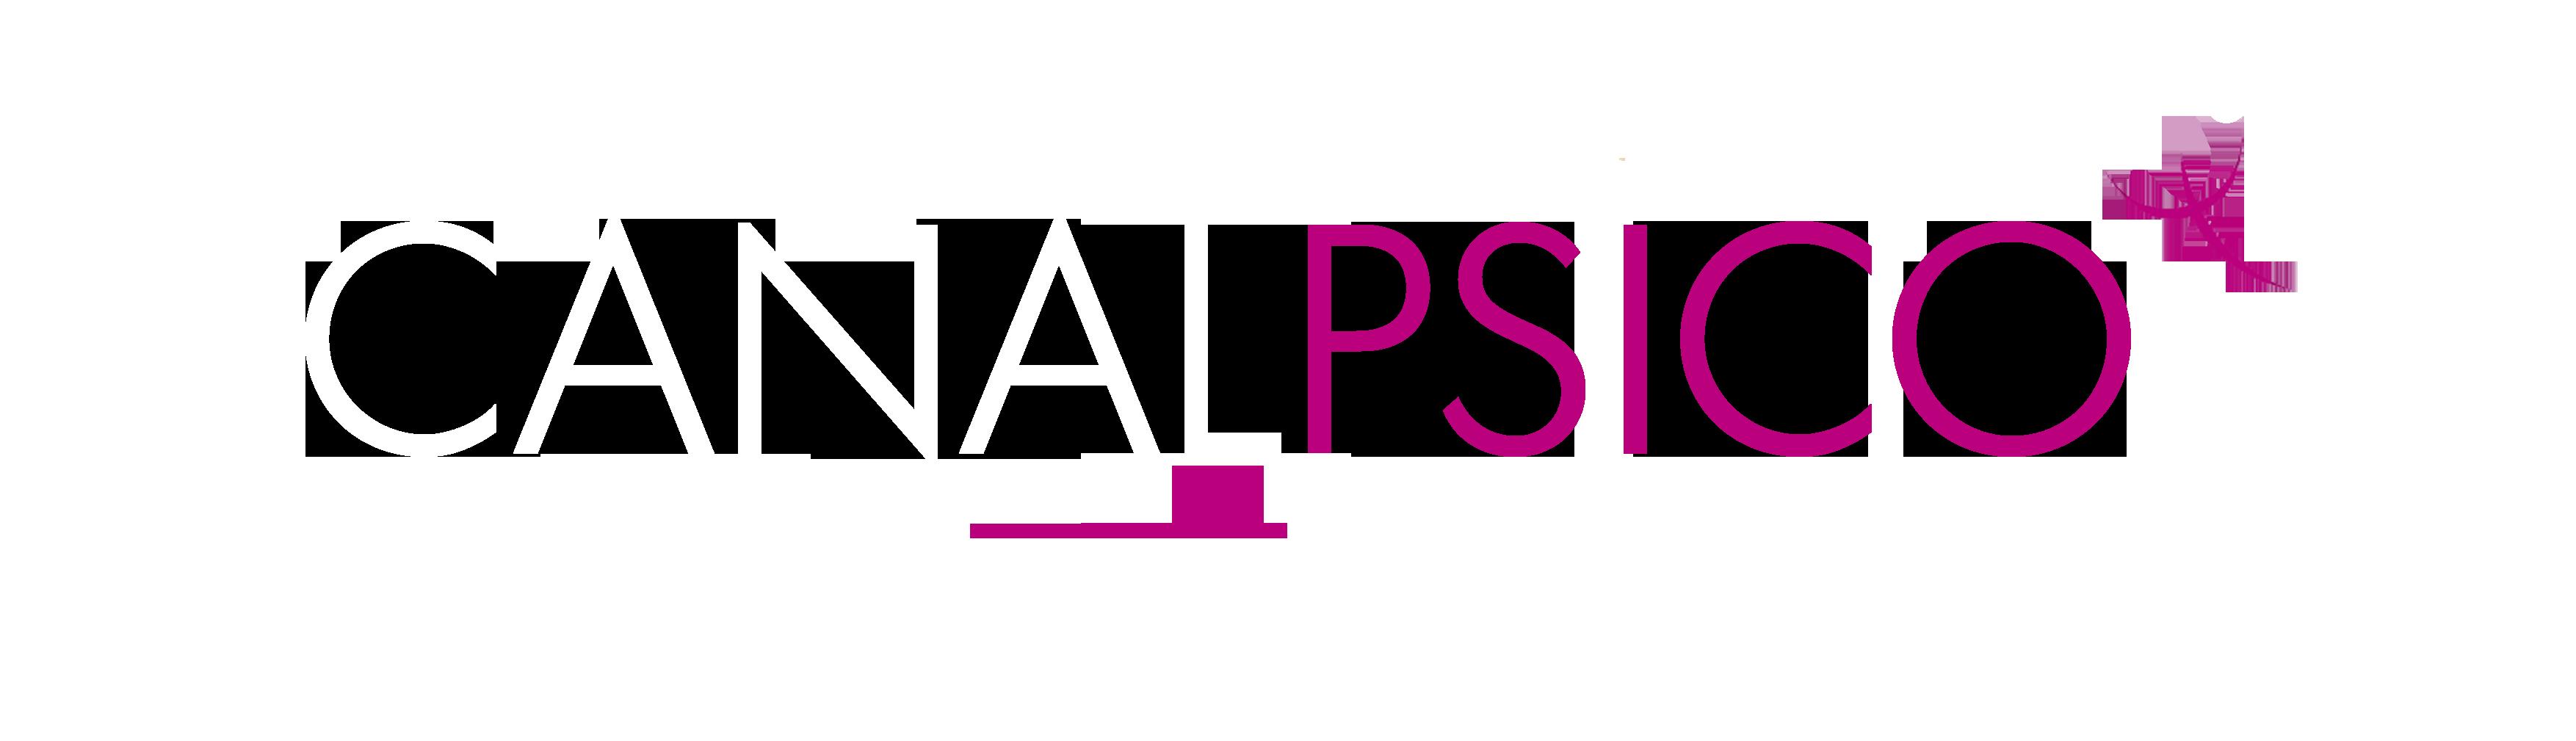 logo canalpsico